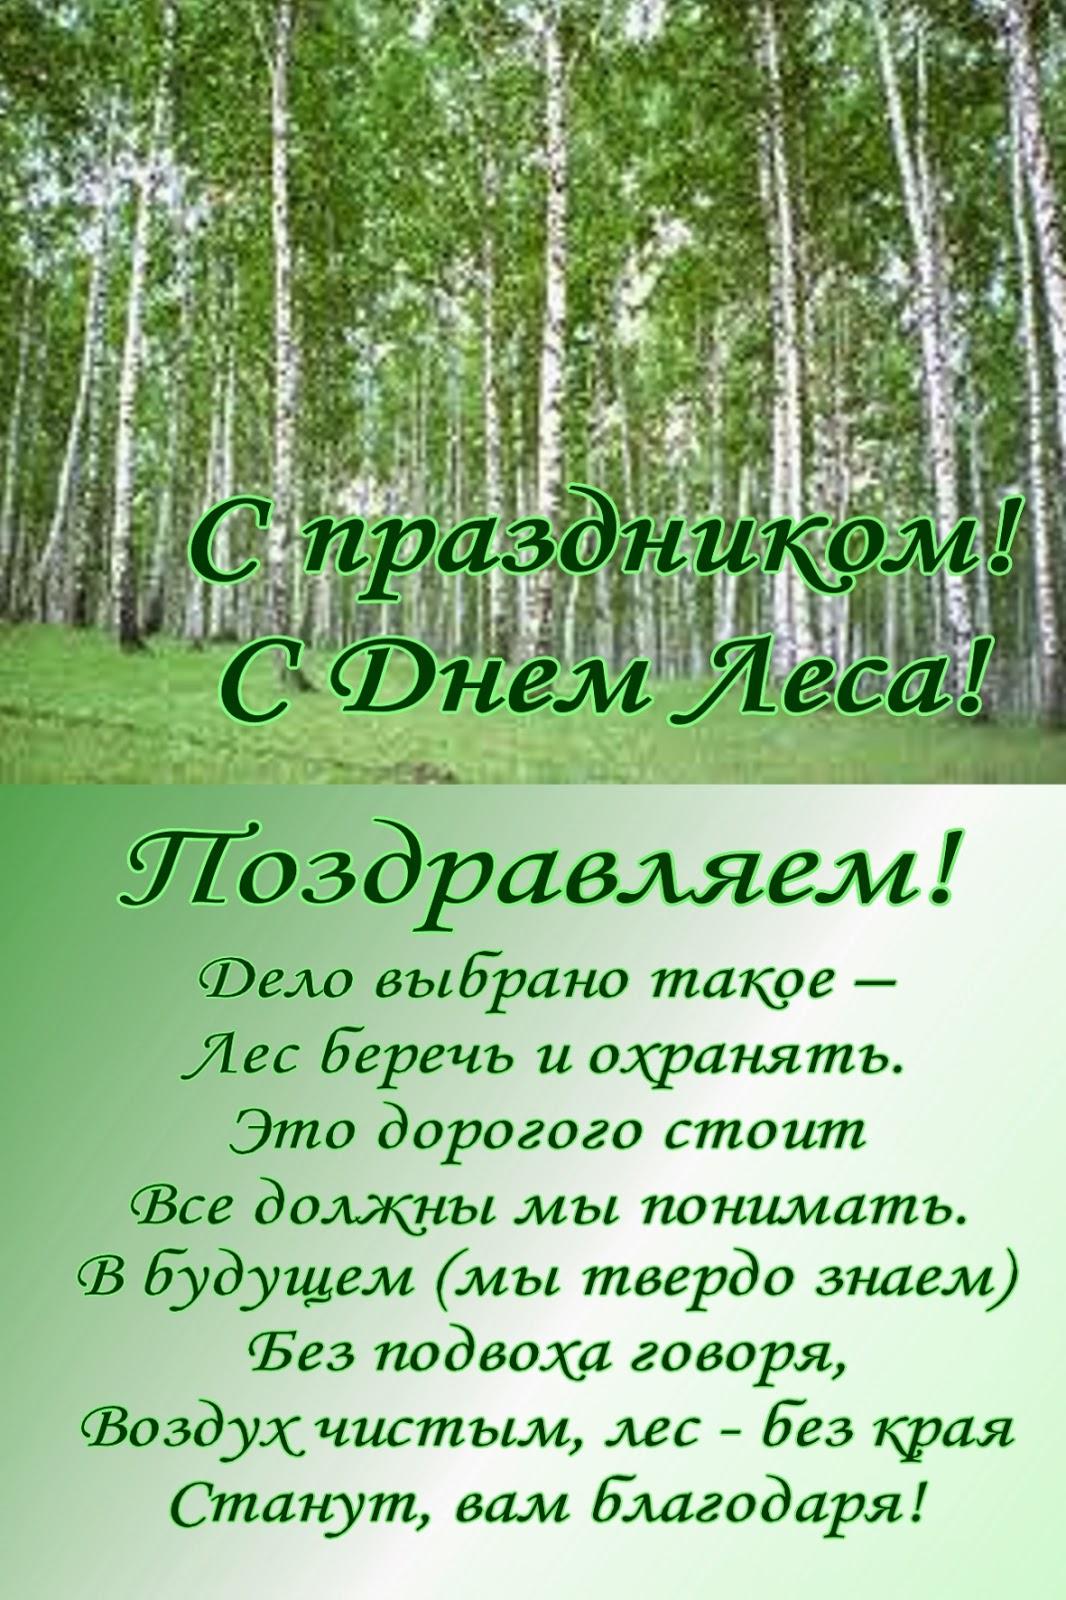 Поздравления с днем лесного хозяйства